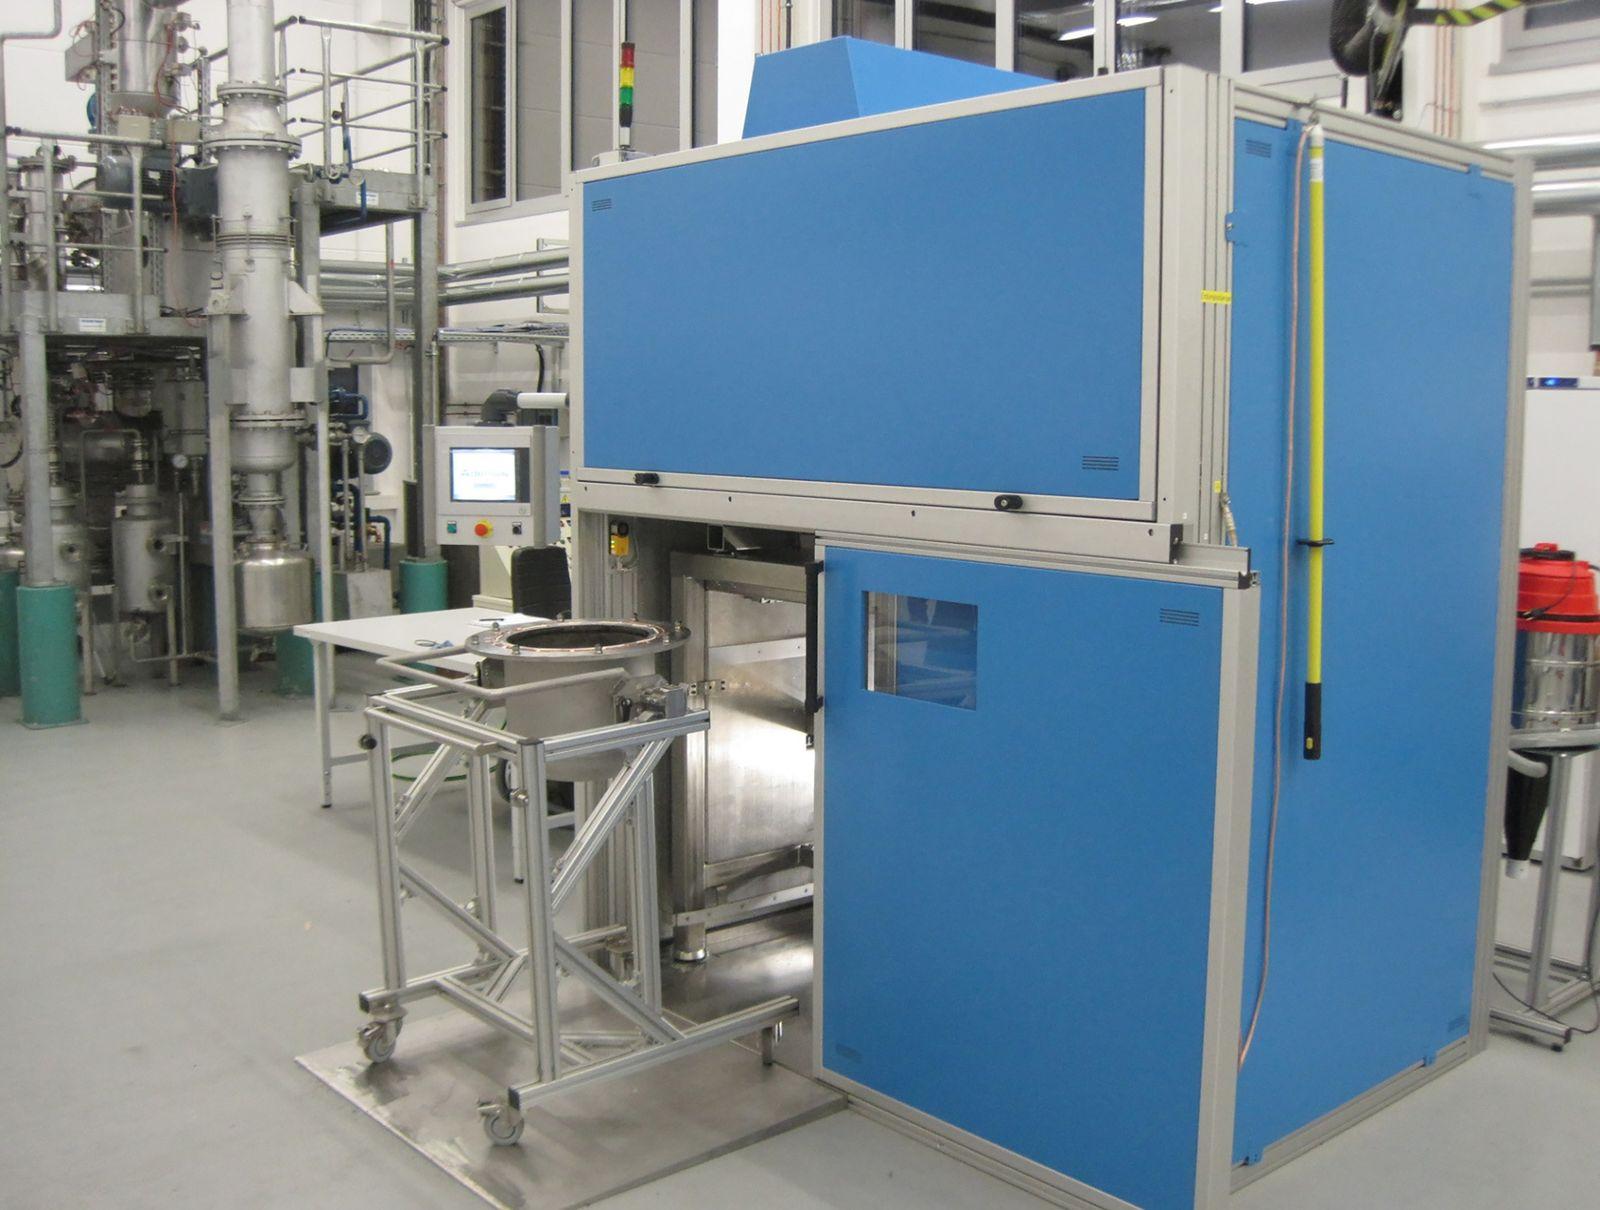 Energiematerialien_Elektrohydraulische Zerkleinerungsanlage